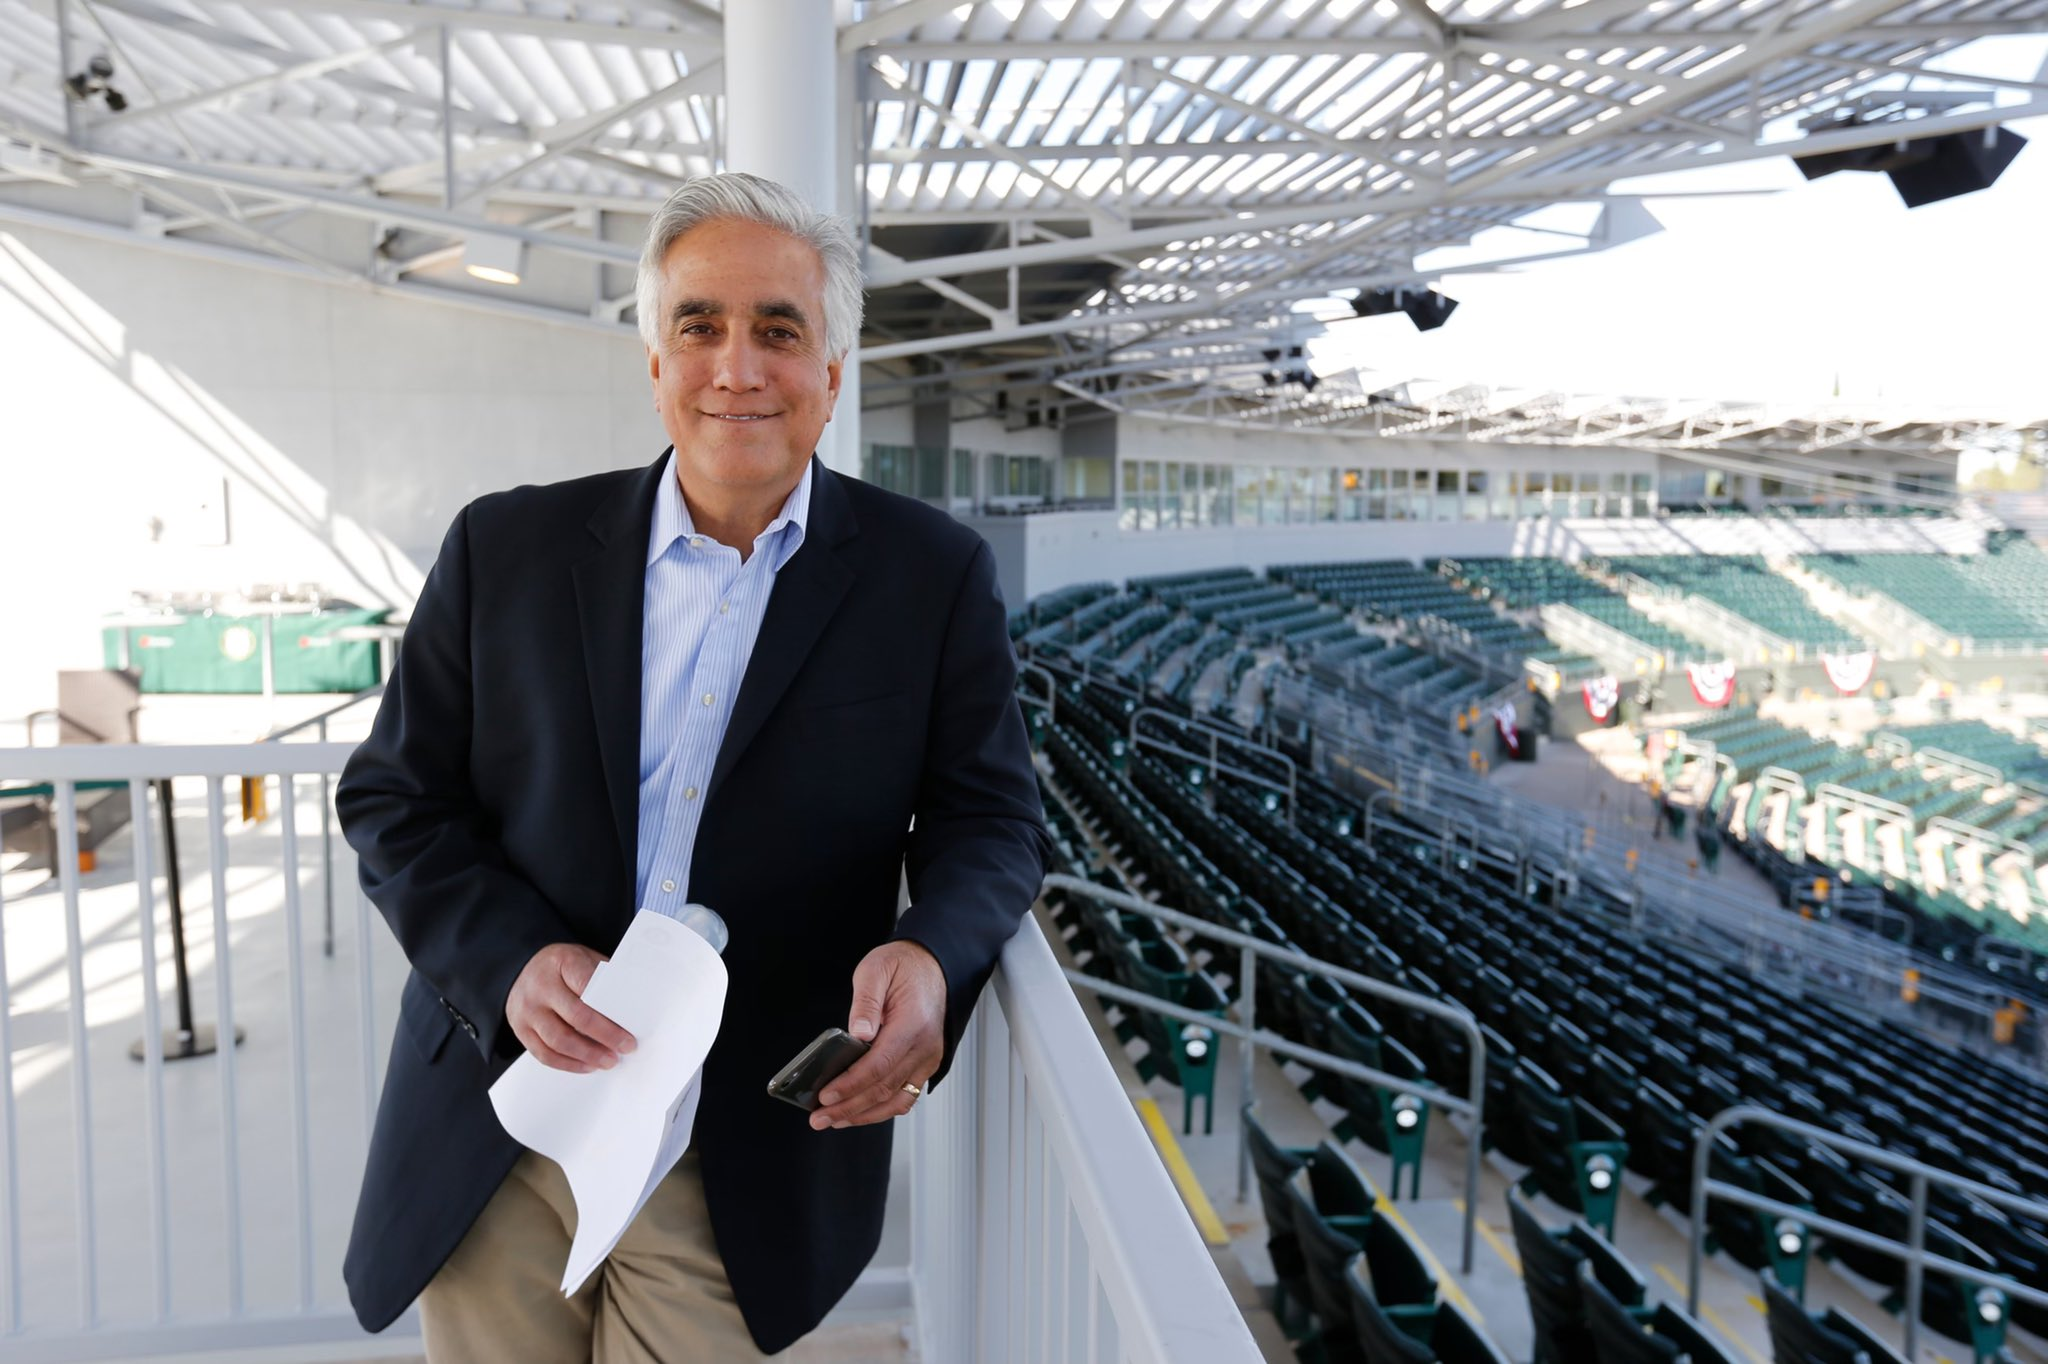 Pedro Gomez, Longtime ESPN Baseball Reporter, Dies at 58